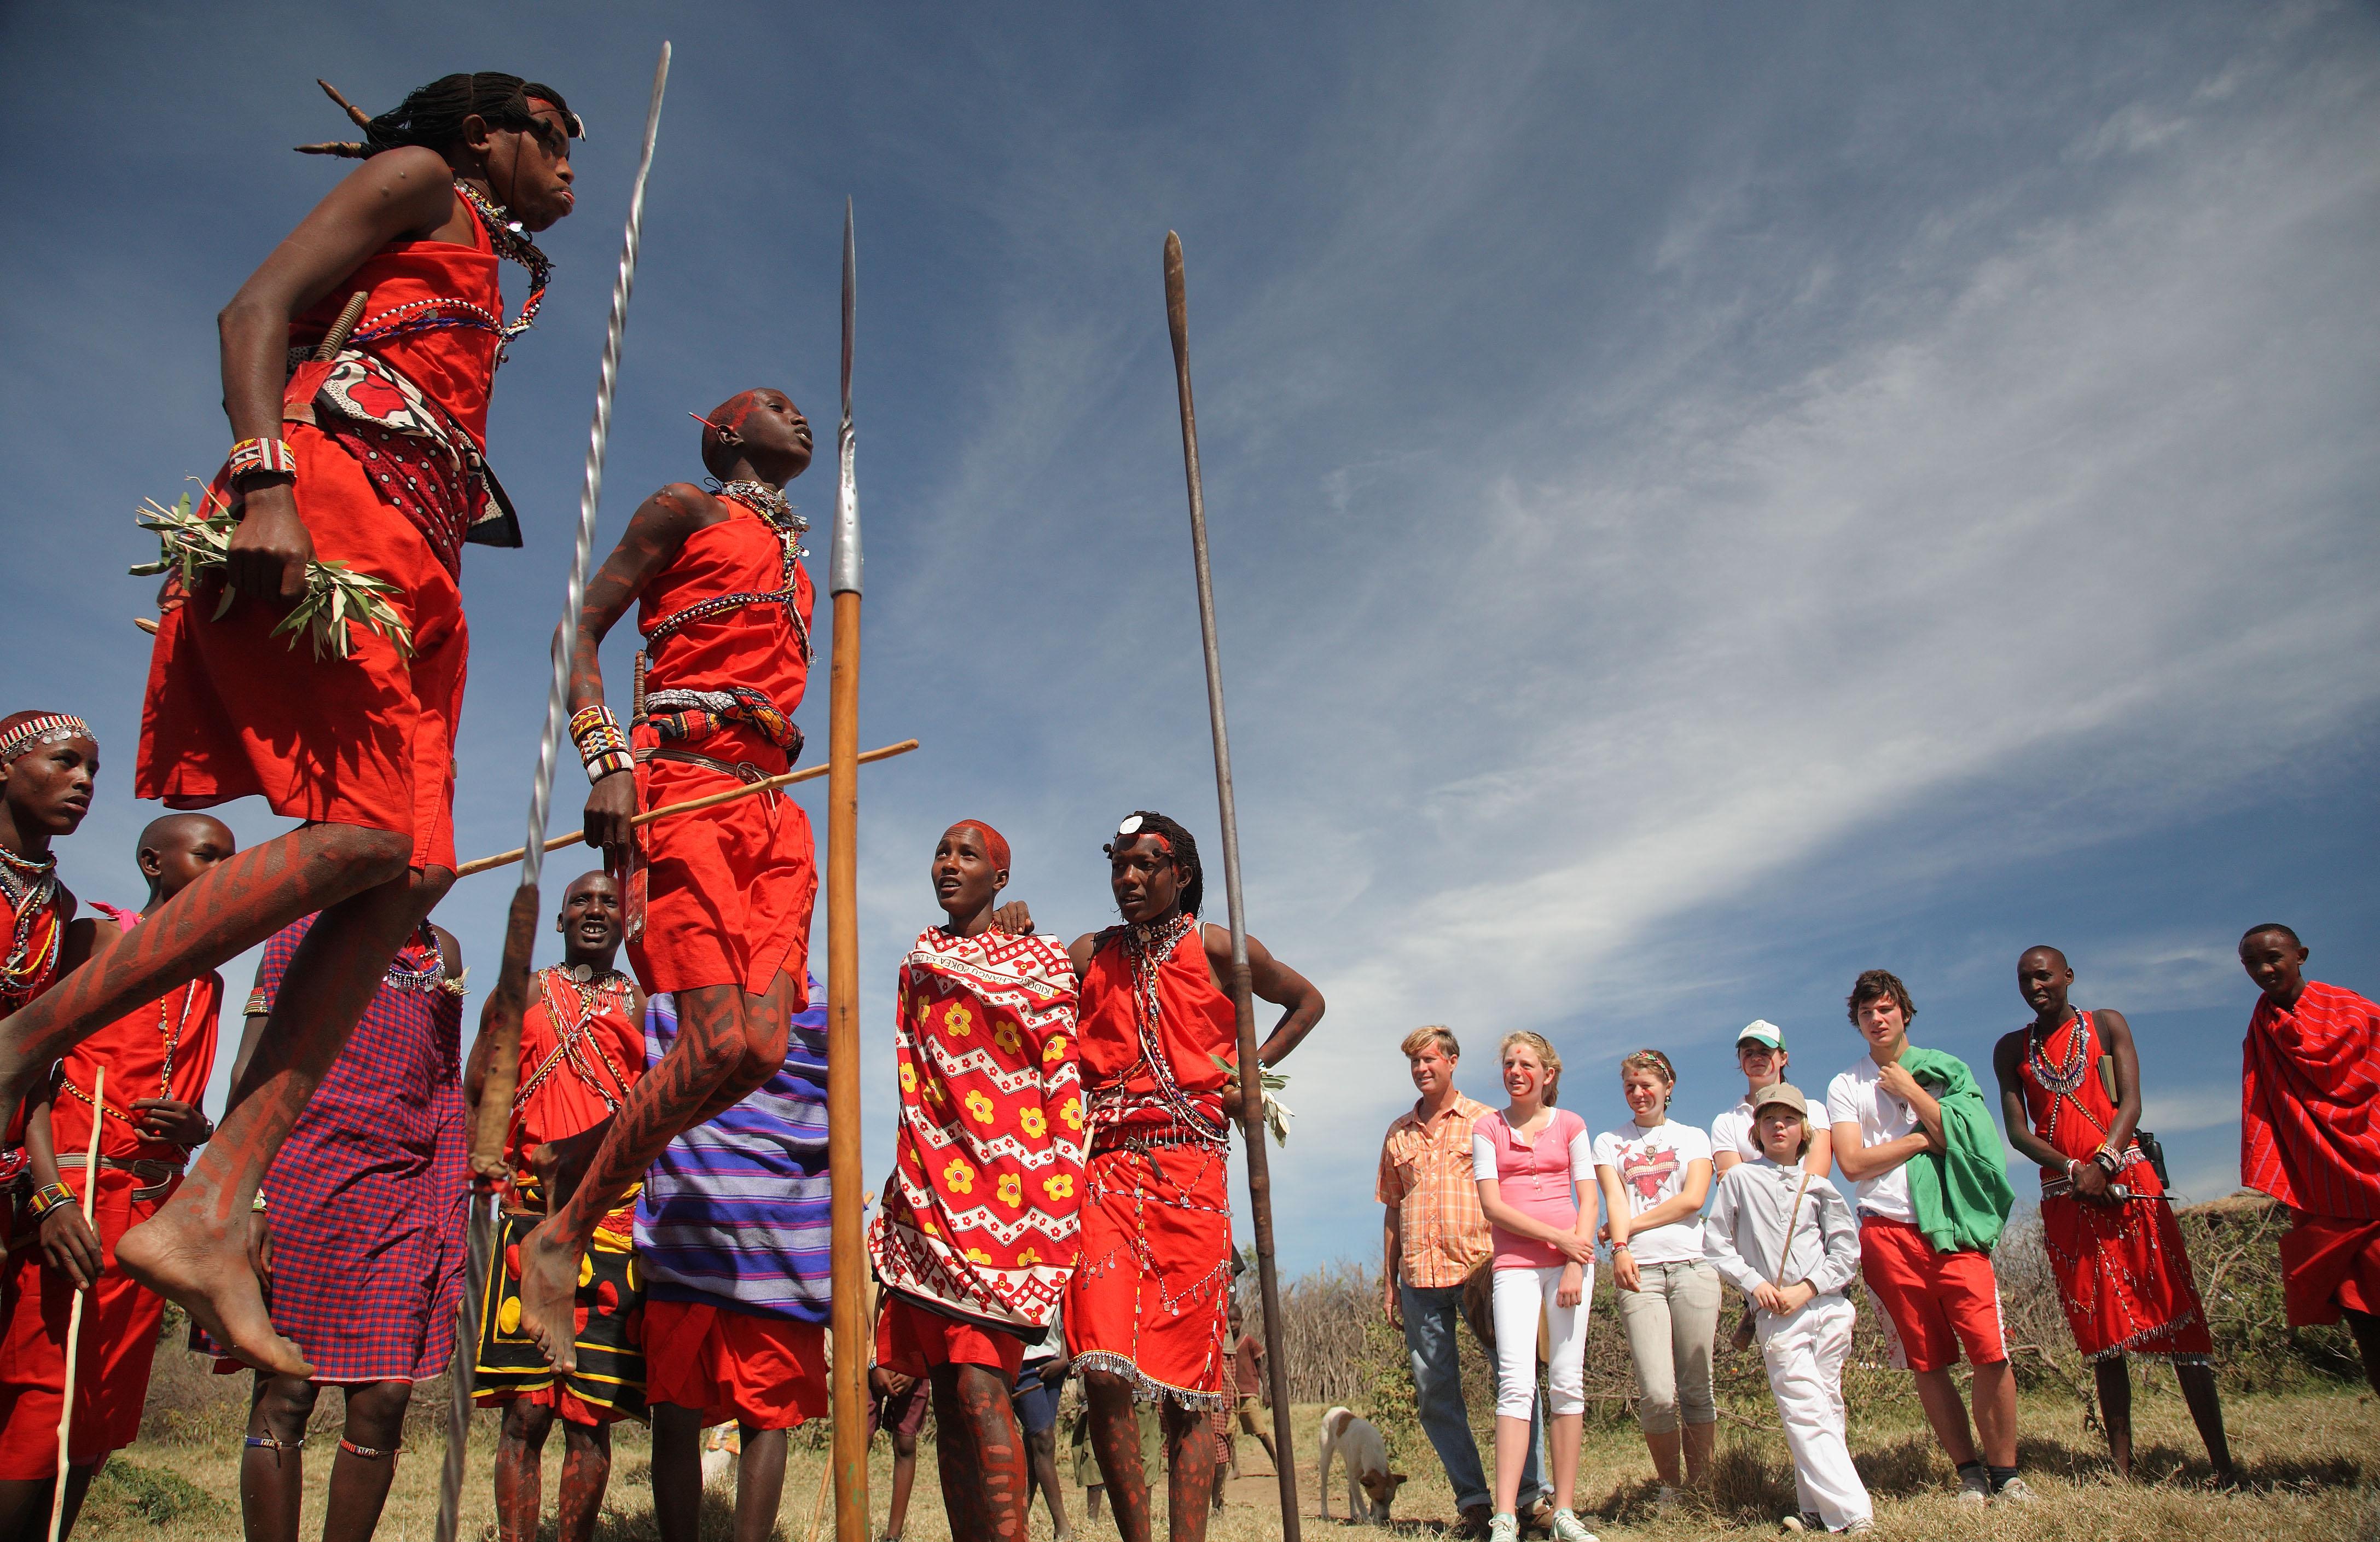 Jumping Maasai warriors